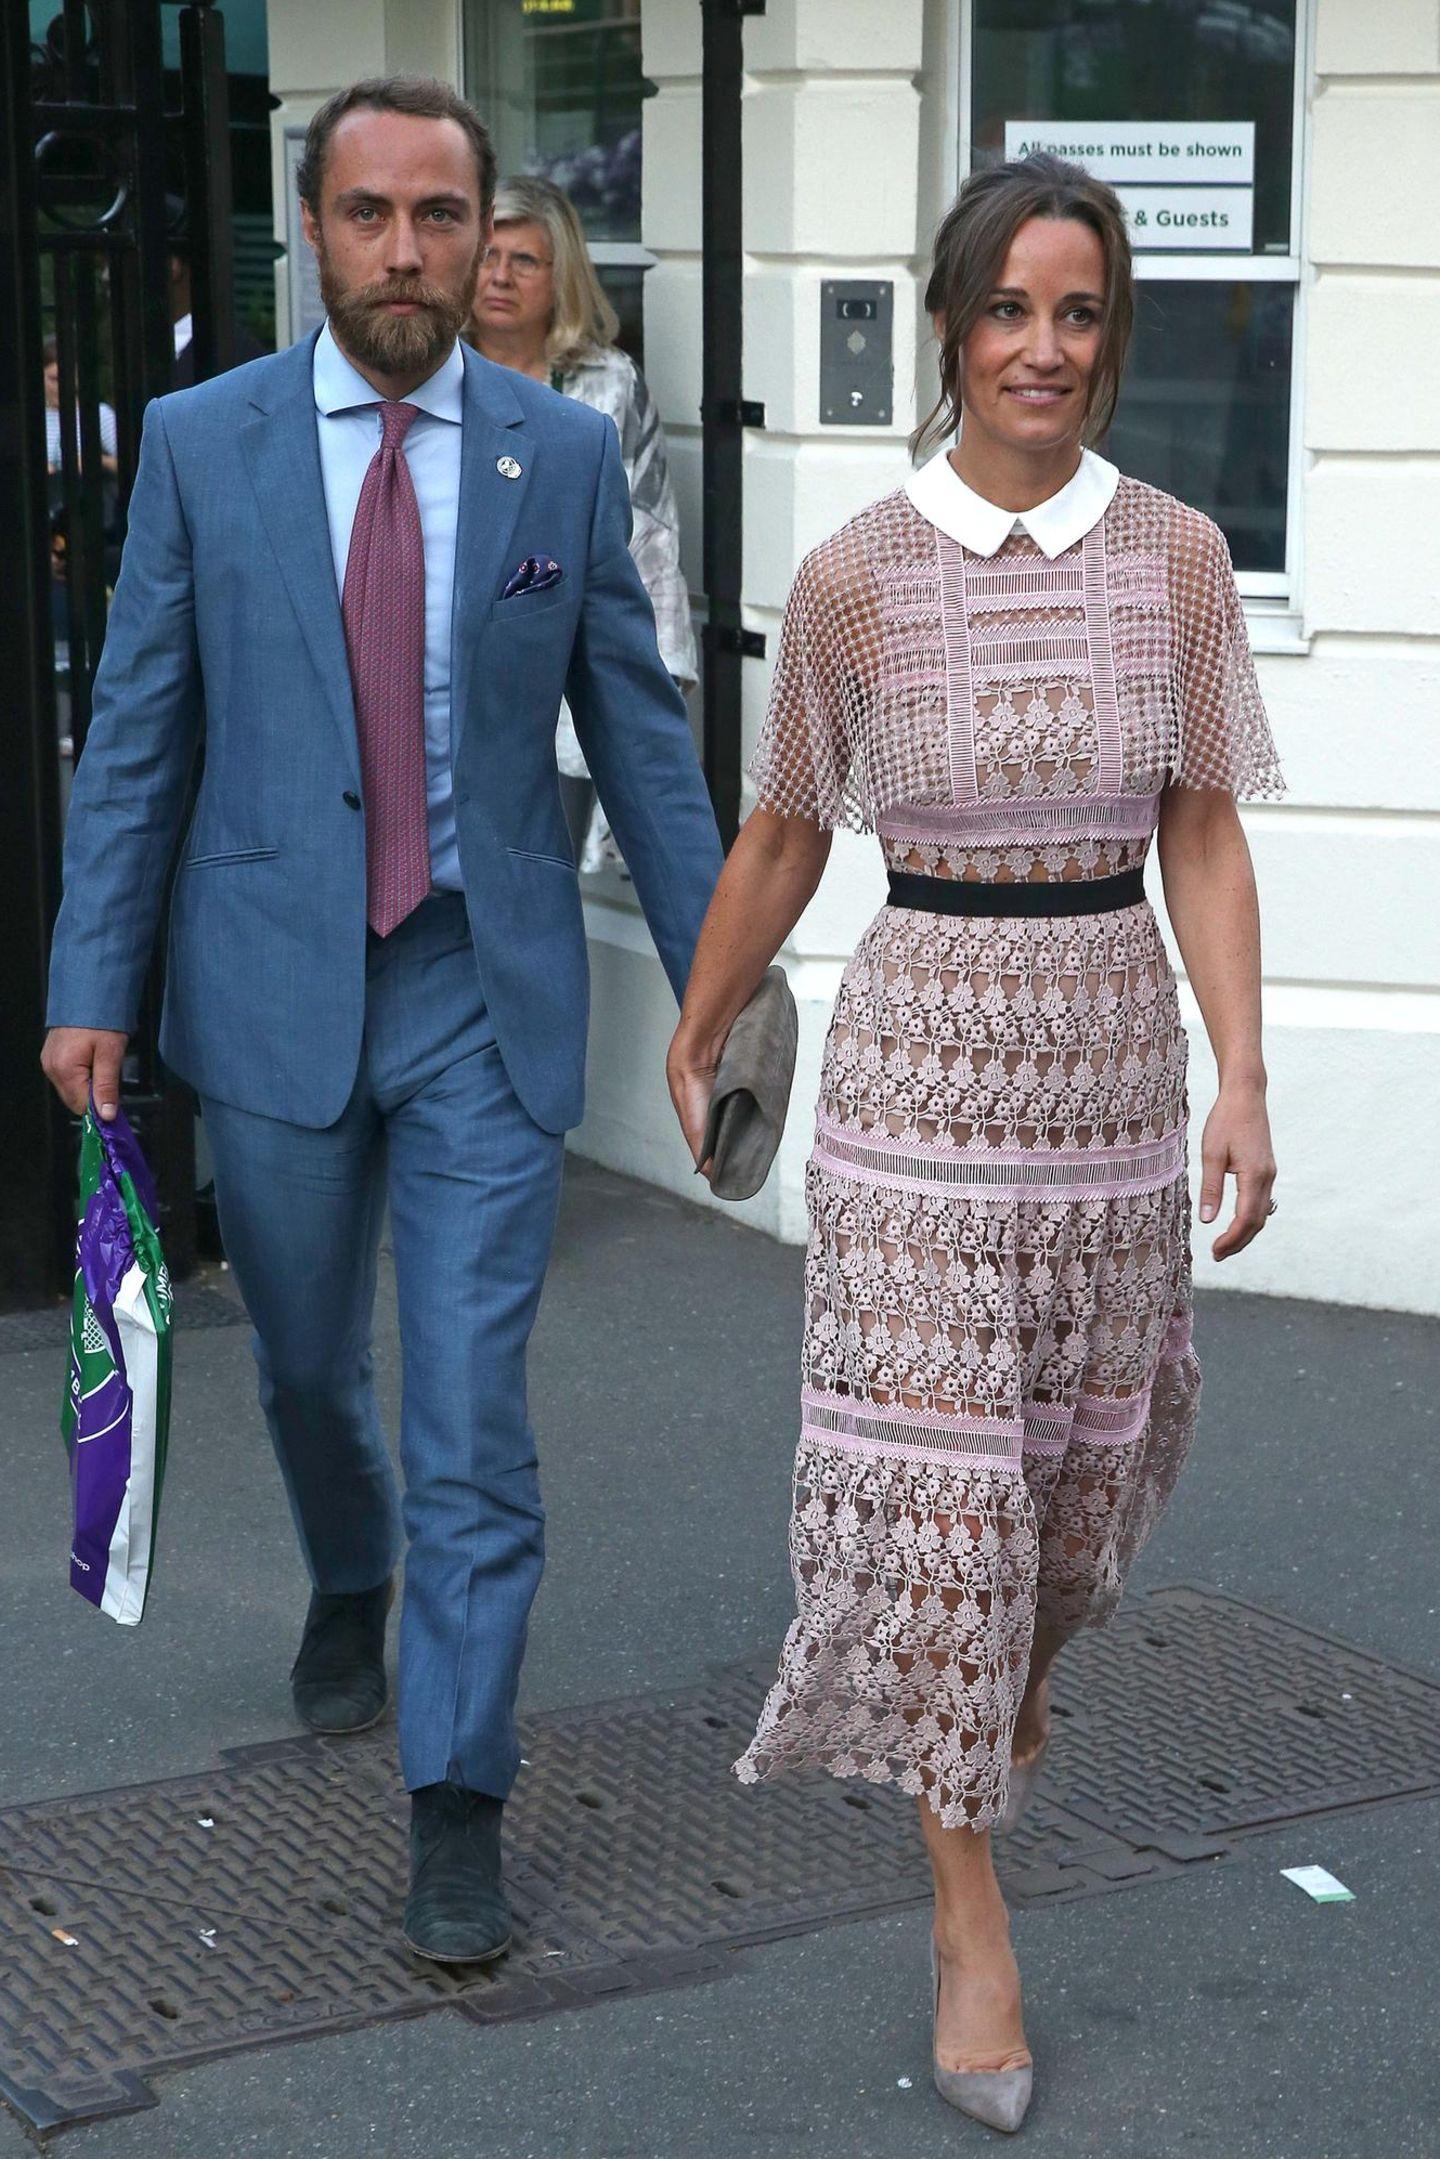 Schon am dritten Tag des Turniers legt Pippa einen modischen Glanzauftritt hin. Sie kommt in einem Kleid von Self-Portrait an der Seite ihres Bruders James Middleton daher und sieht darin einfach hinreißend aus.